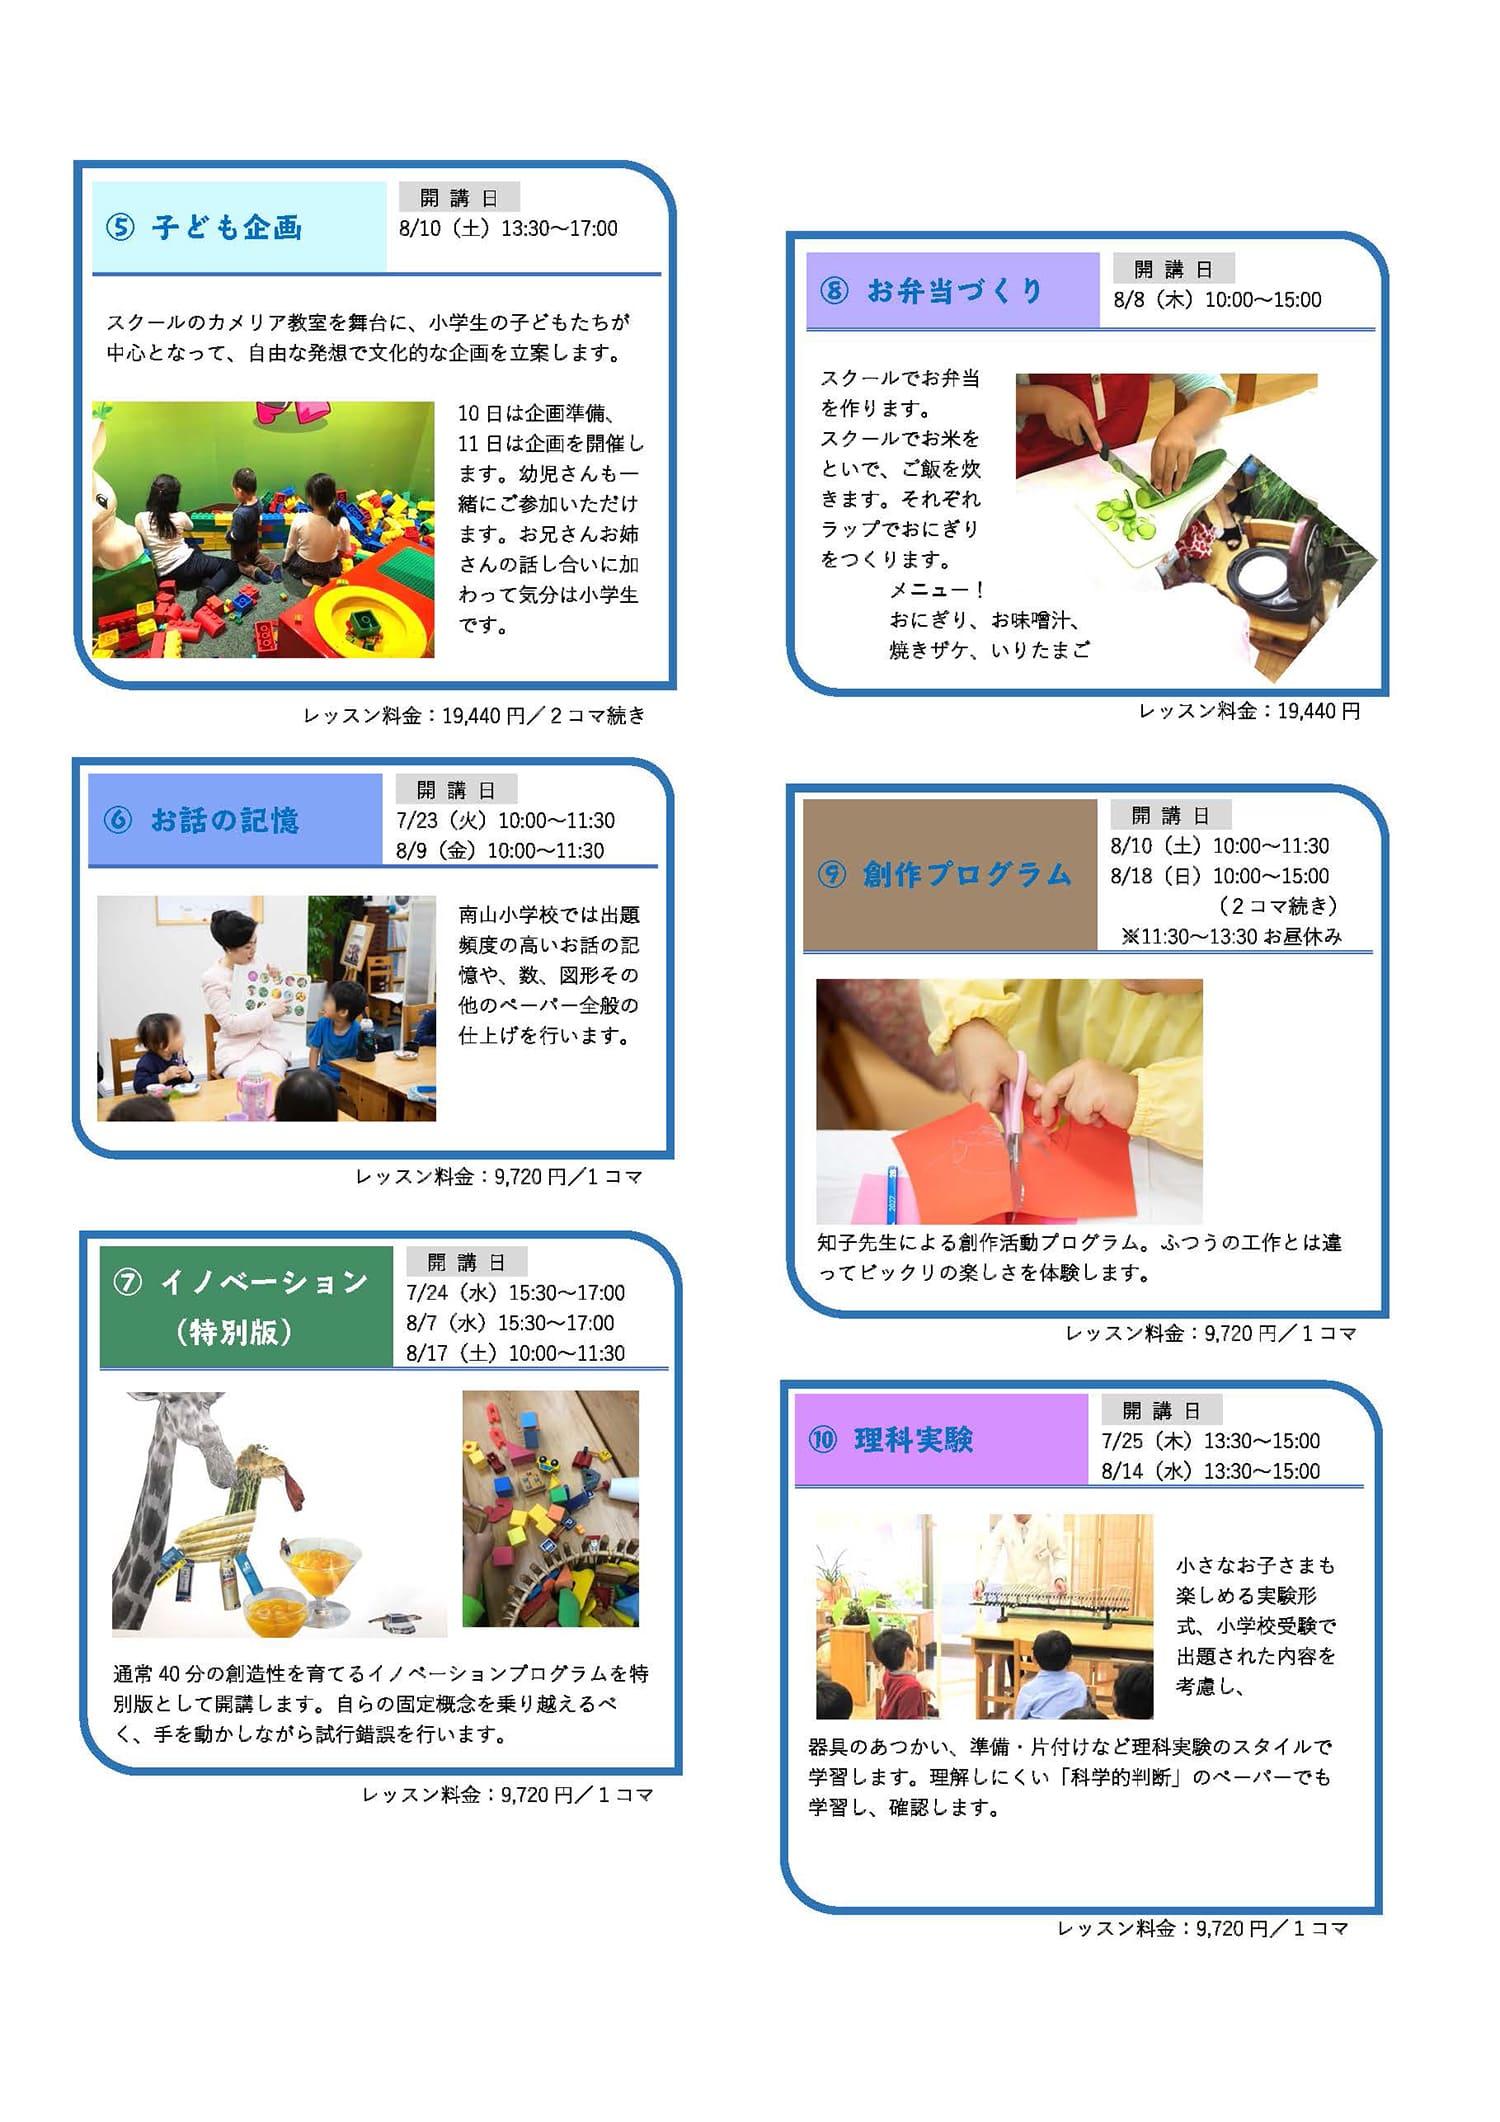 2019年夏期講習プログラム一覧幼児.docx 2_ページ_2